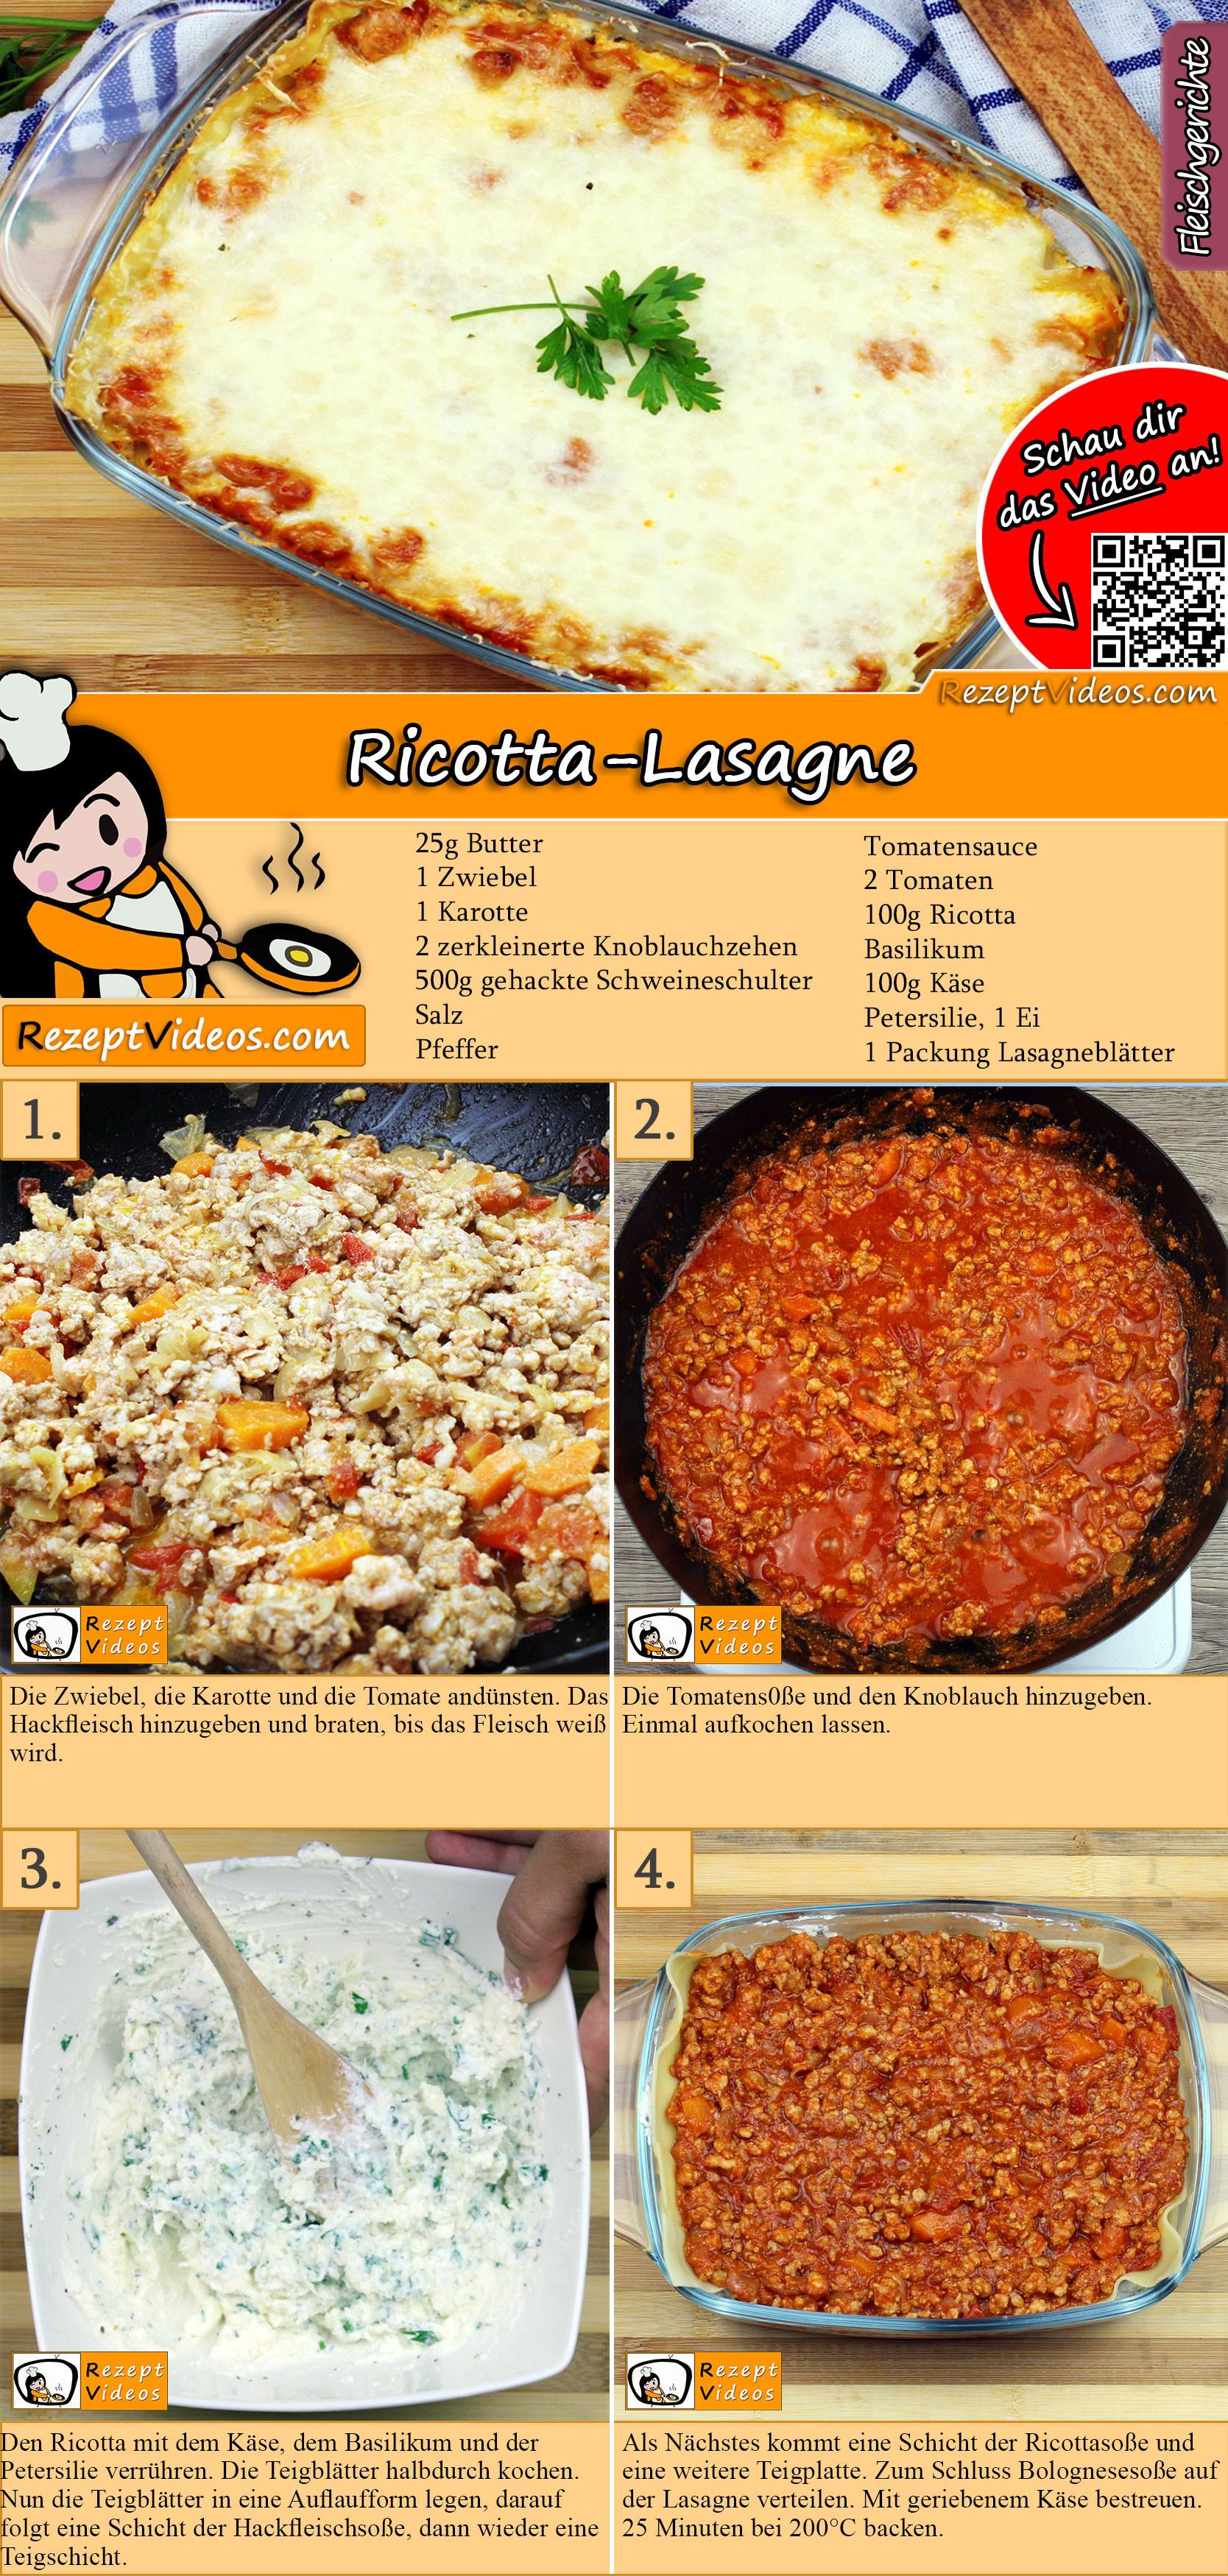 Ricotta-Lasagne Rezept mit Video